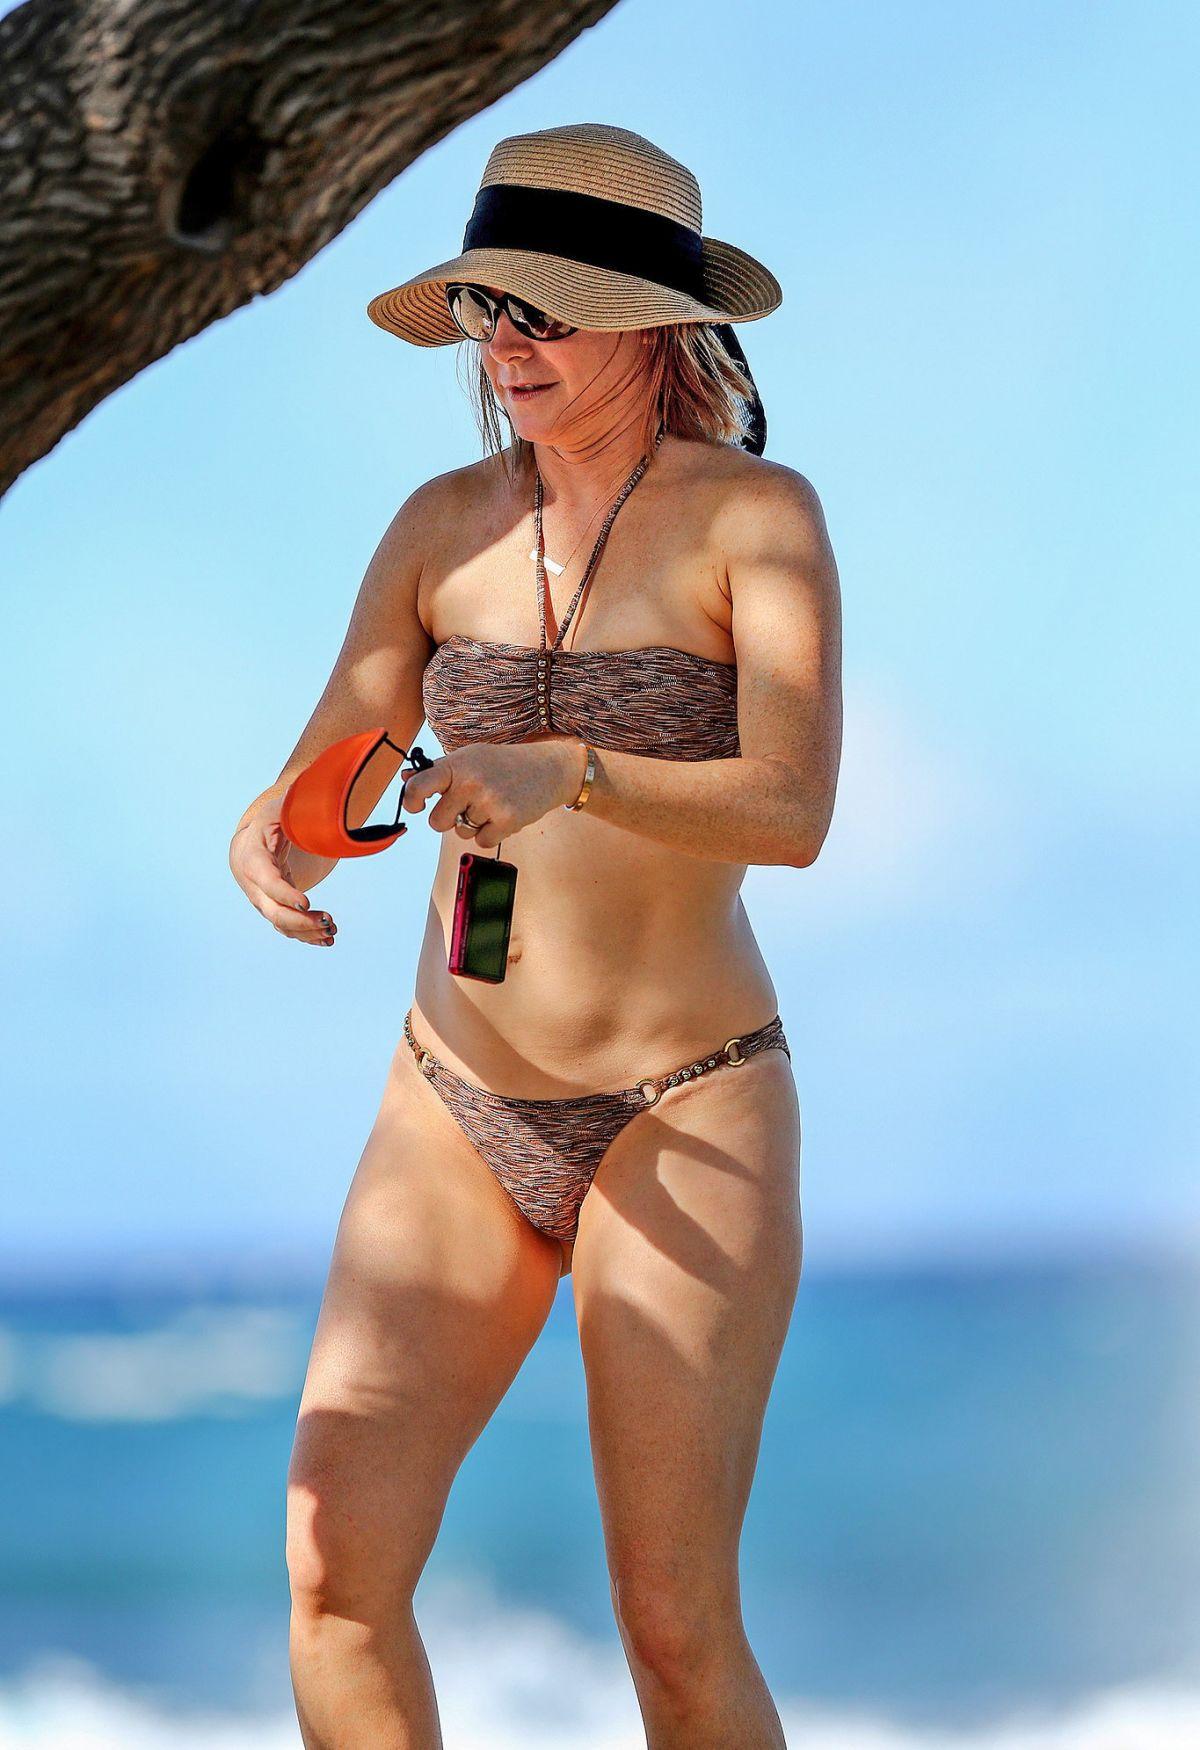 ALYSON HANNIGAN in Bikini on the Beach in Hawaii